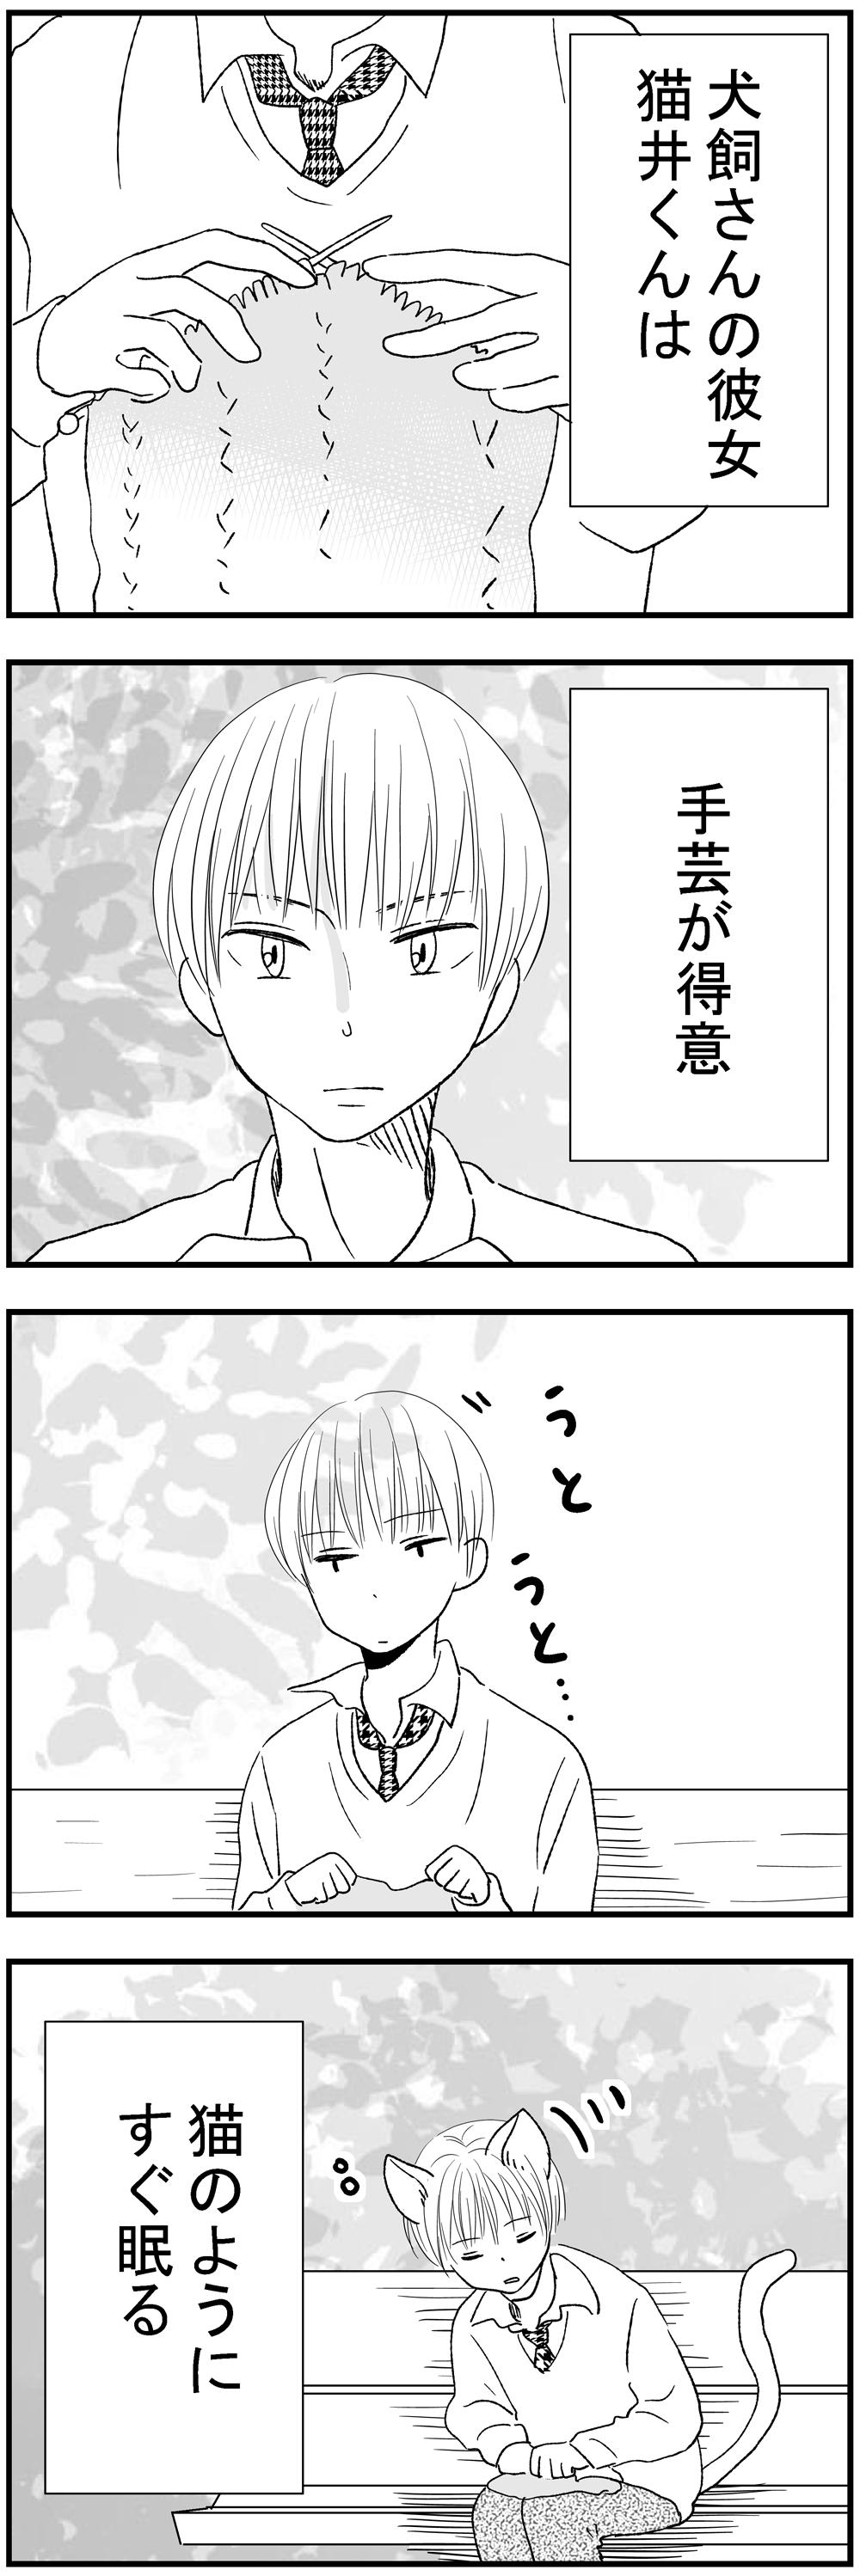 【イヌカノ】1-2